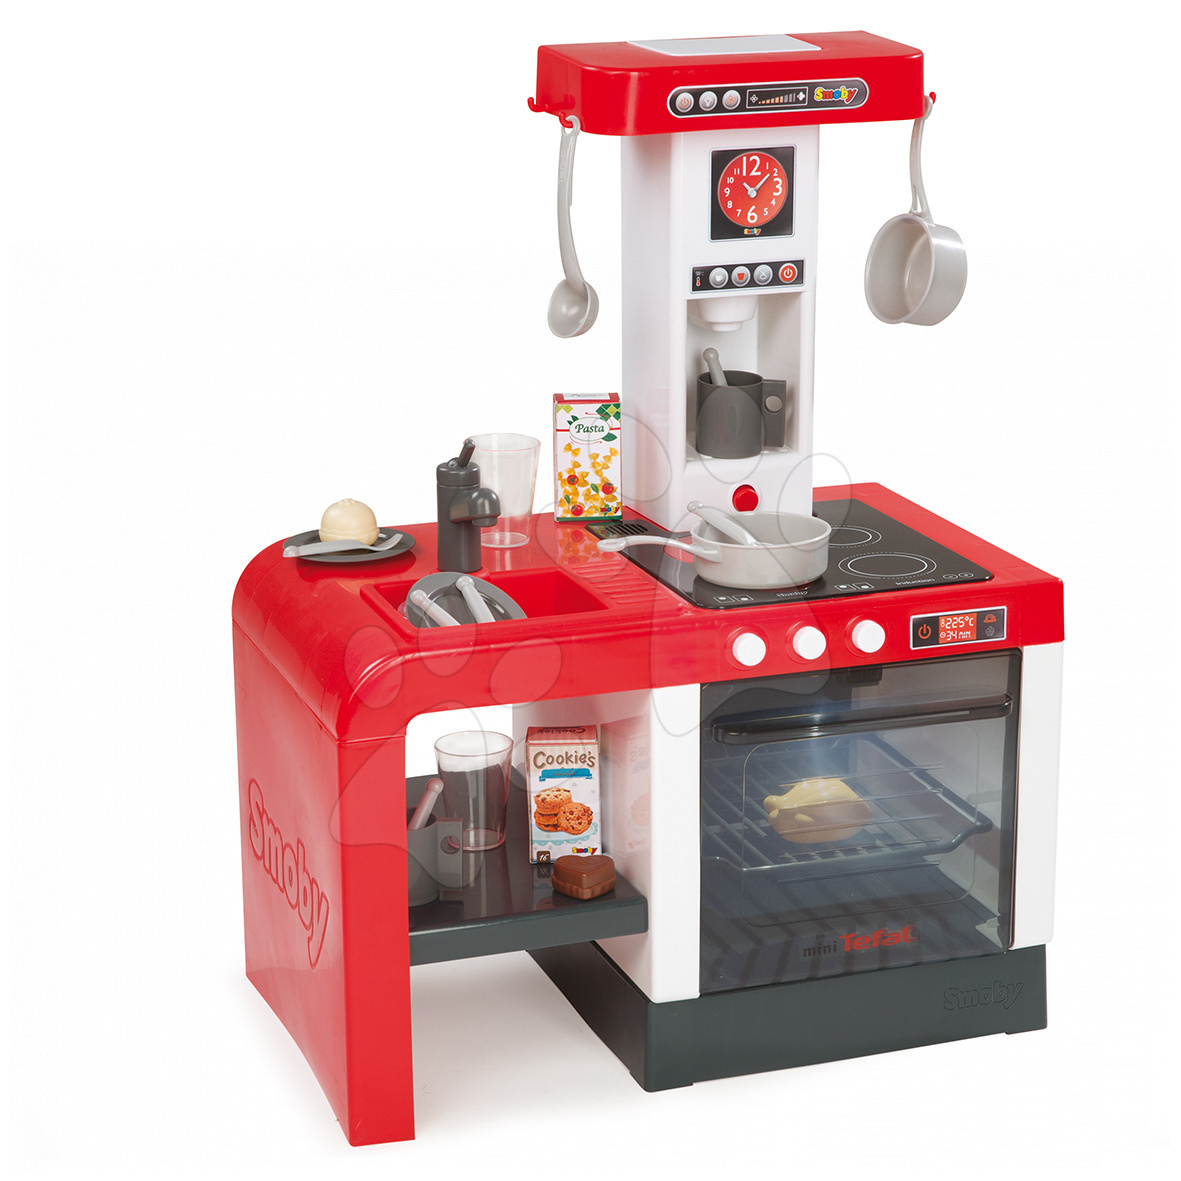 Kuchyňka TEFAL Chefronic elektronická Smoby červená se zvuky a světlem, 20 doplňků